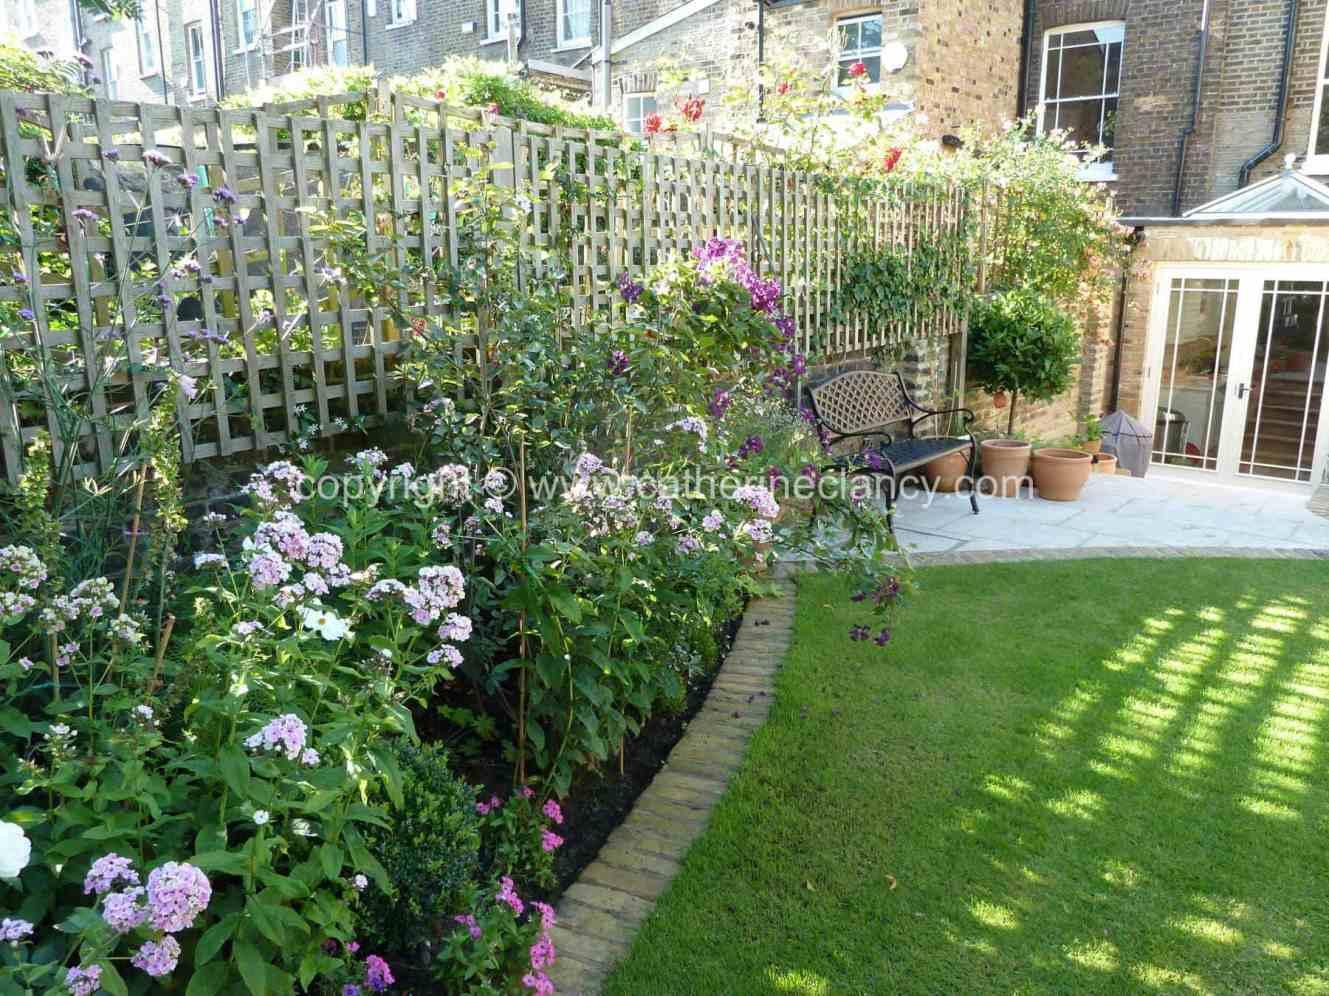 victorian-north-facing-garden-11